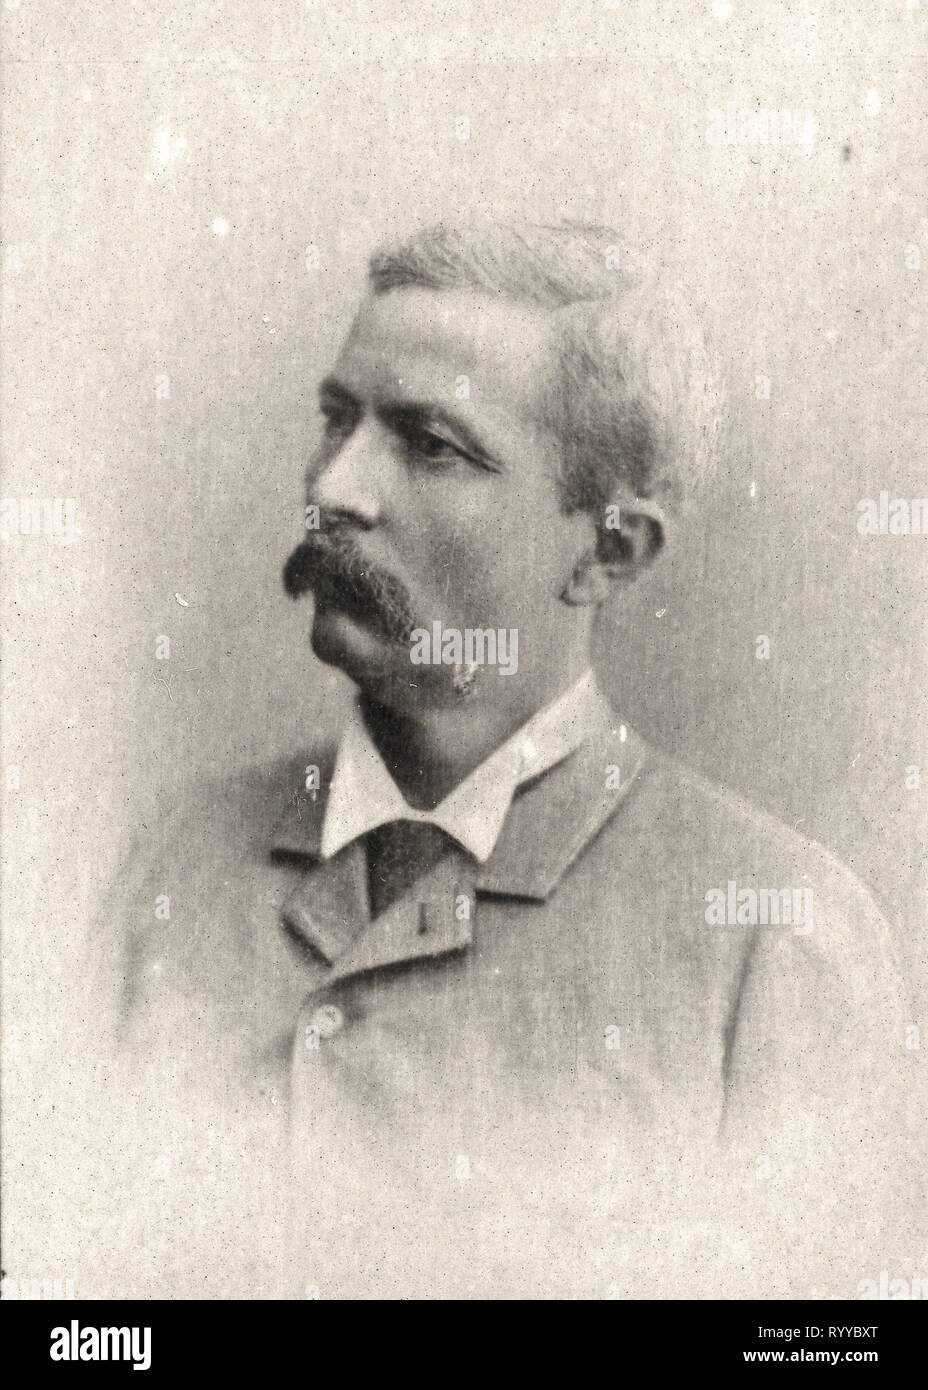 Retrato fotográfico de Stanley desde la colección Félix Potin, de principios del siglo XX. Foto de stock